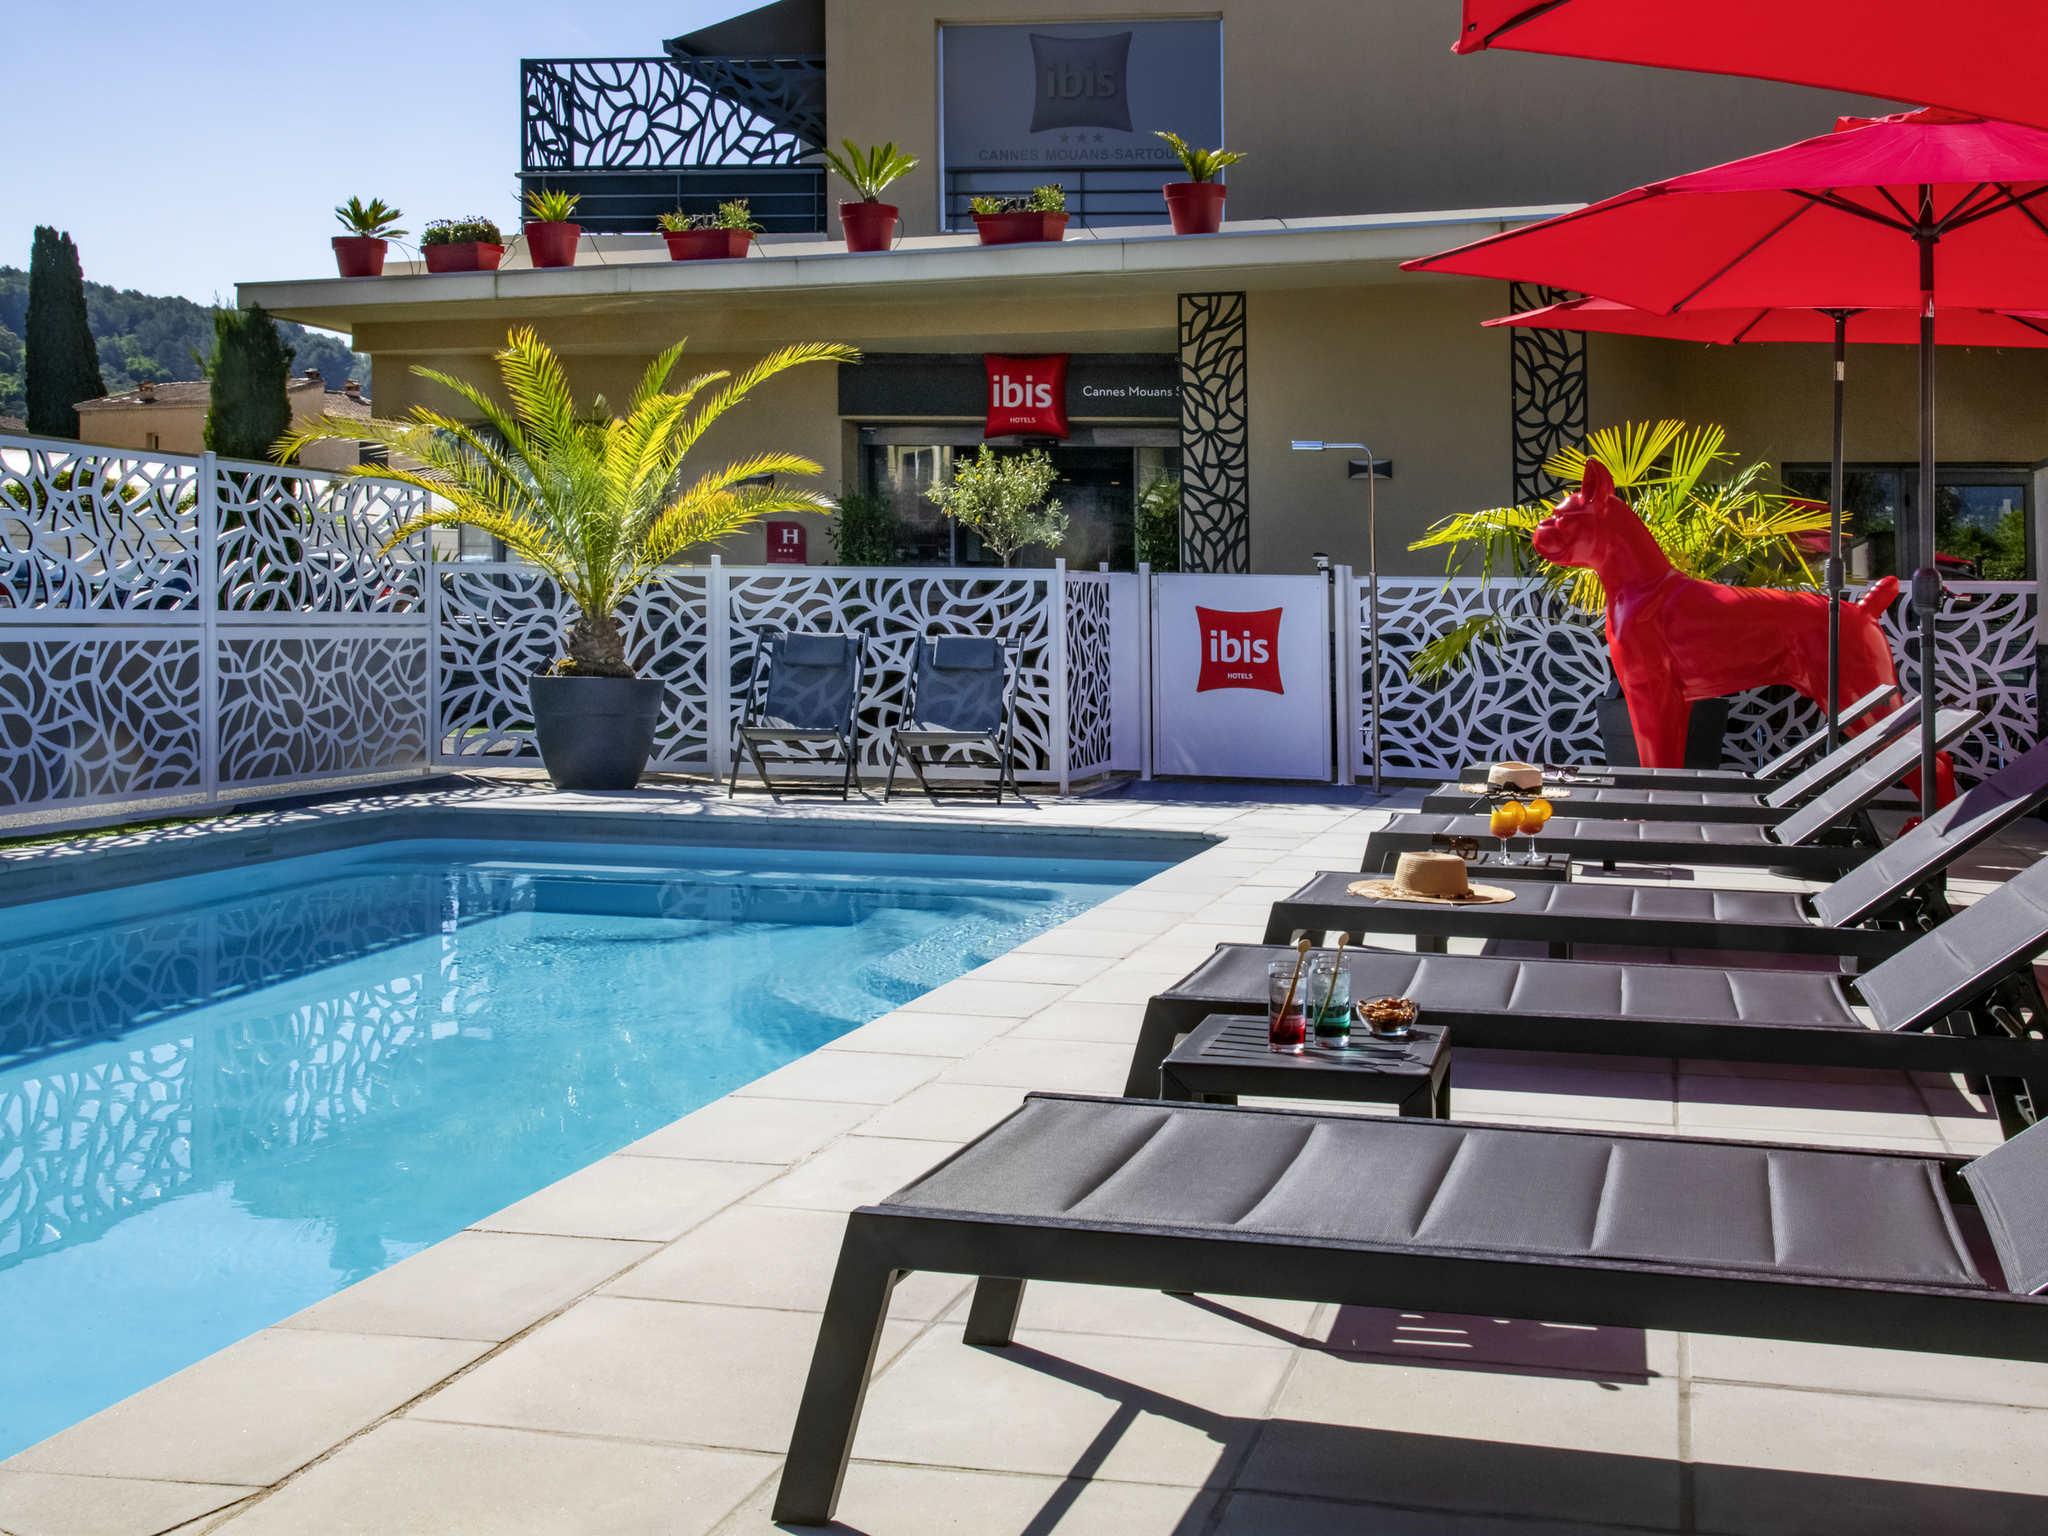 فندق - ibis Cannes Mouans-Sartoux